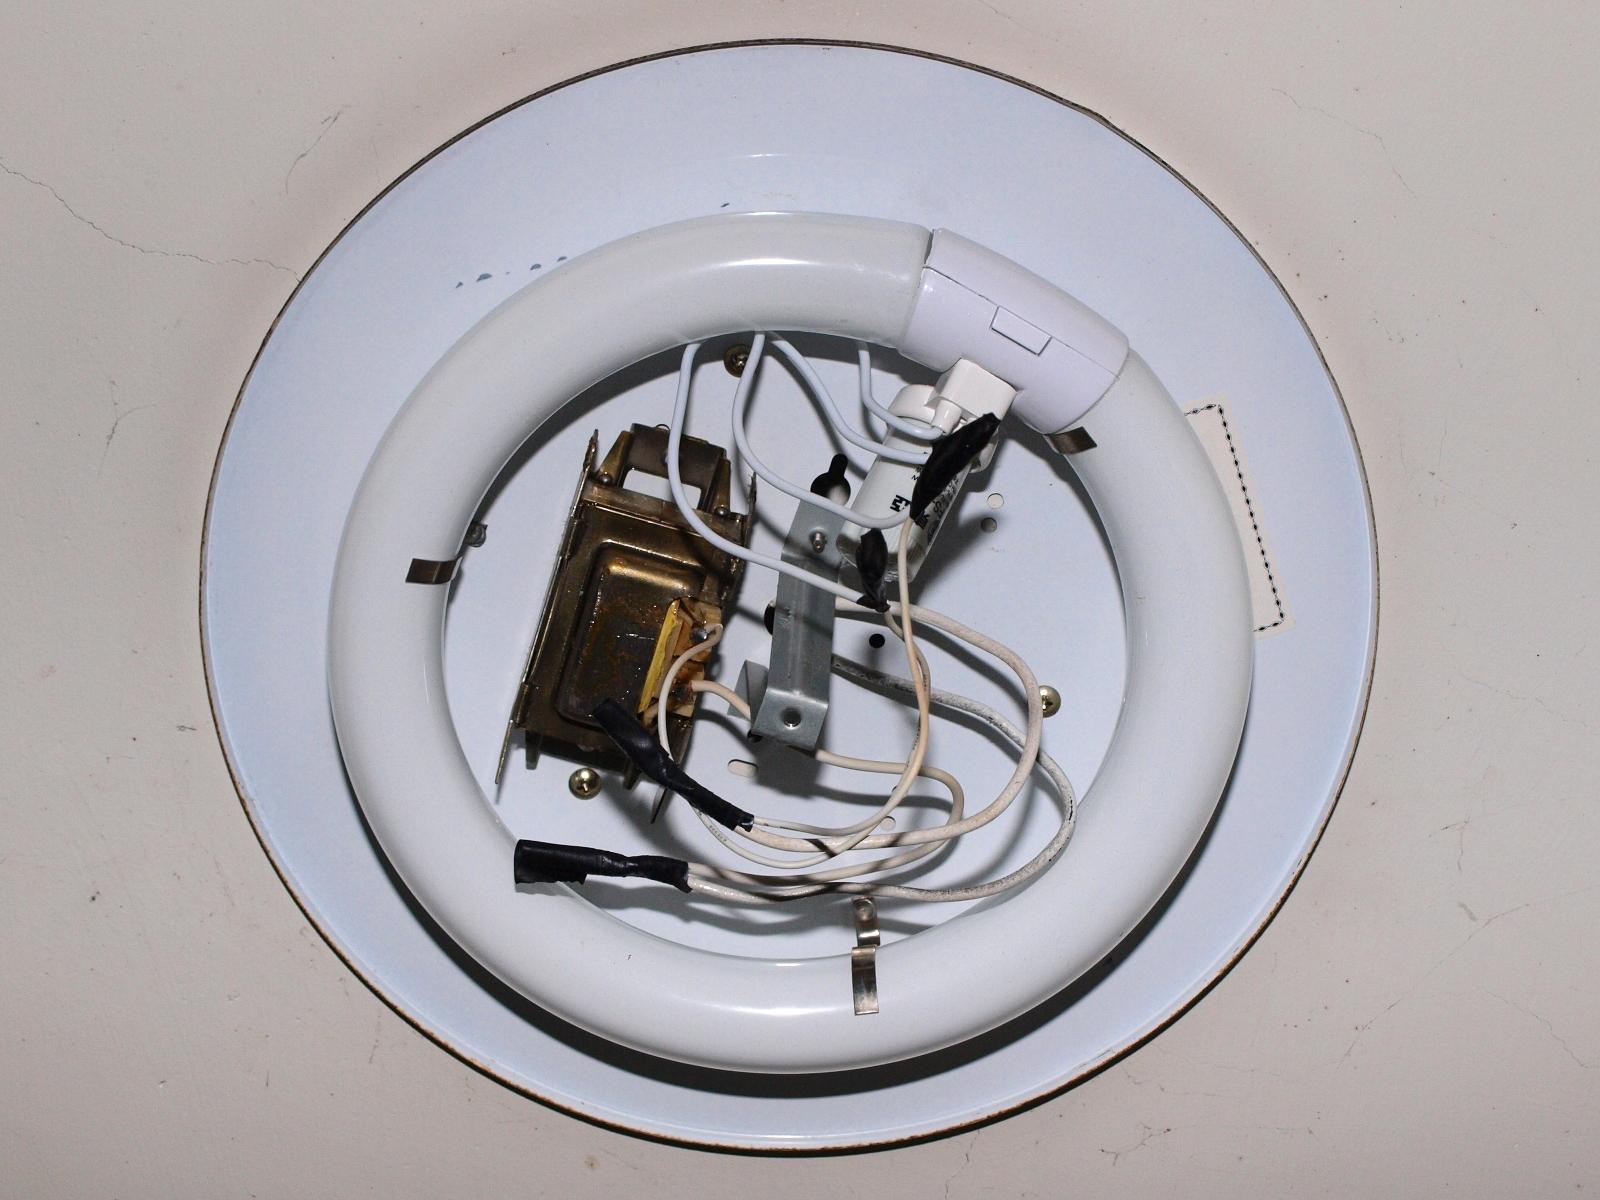 自己更換脆化碎掉的環形日光燈燈腳(燈座) - G. T. Wang